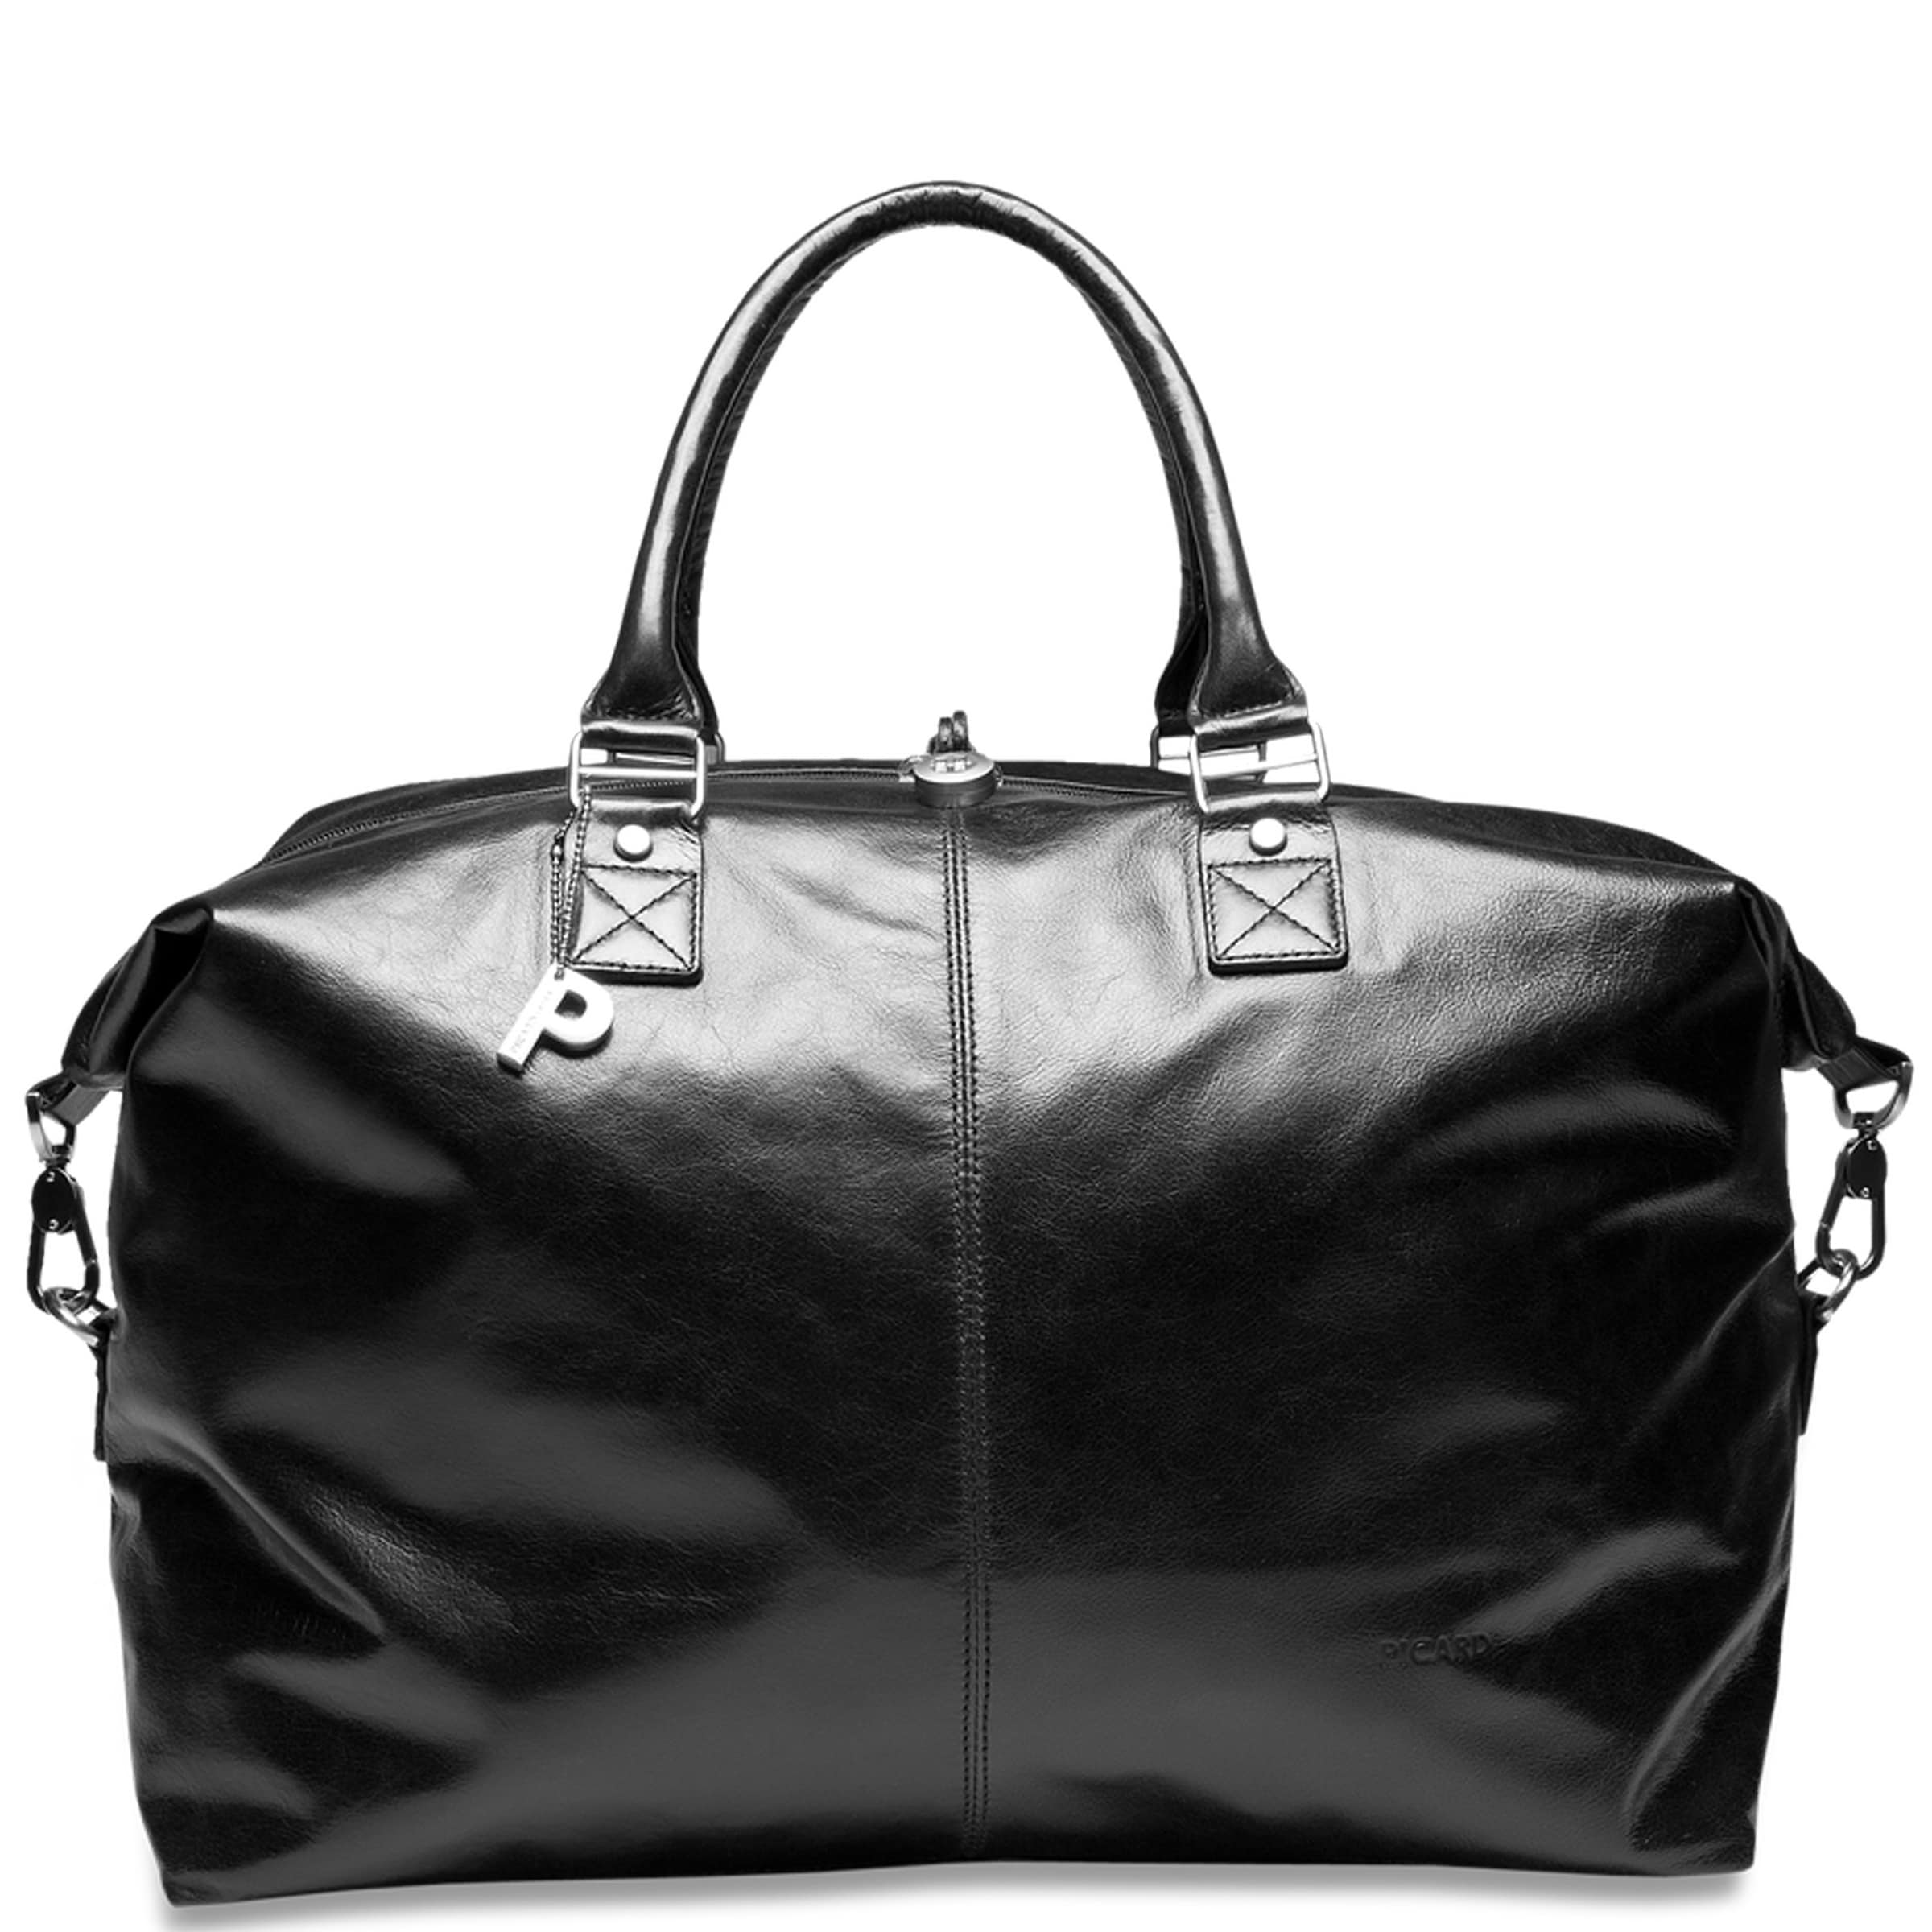 Neuester Günstiger Preis Günstig Kaufen Wahl Picard Weekend Reisetasche Leder 45 cm Günstig Kaufen Billig rTp6yxg